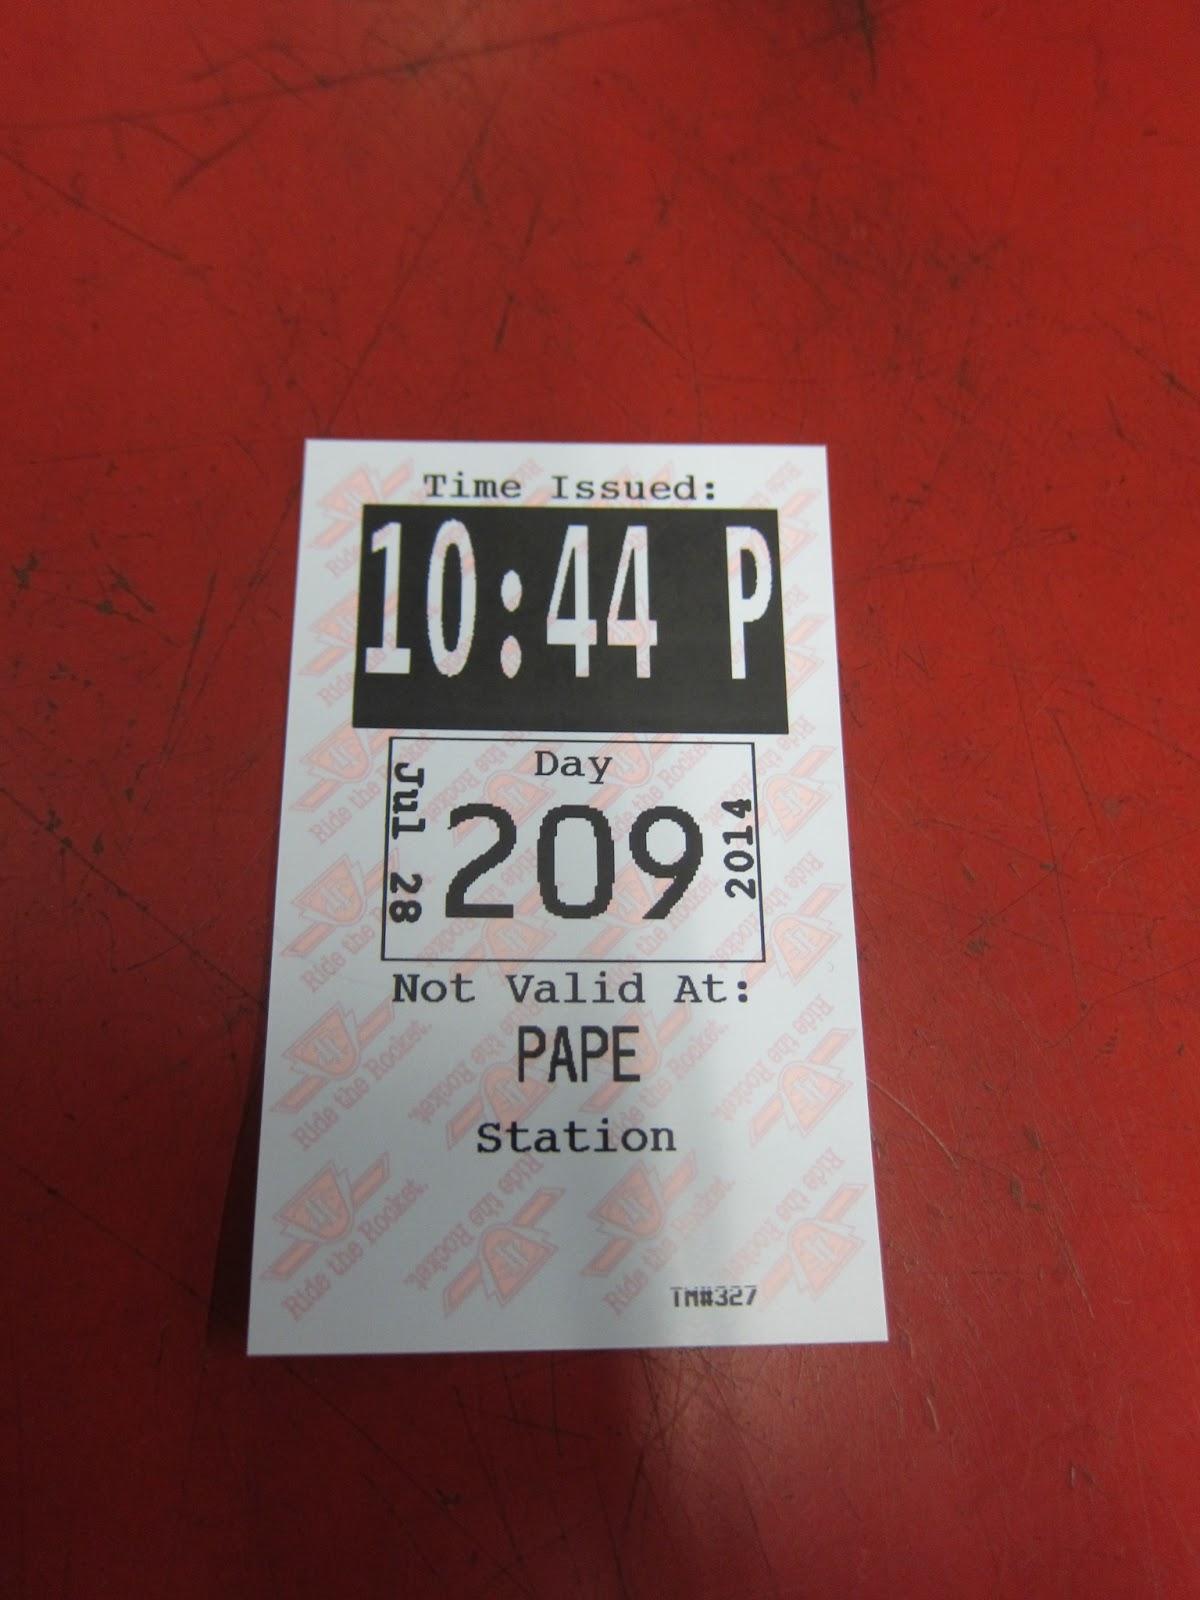 Pape station transfer